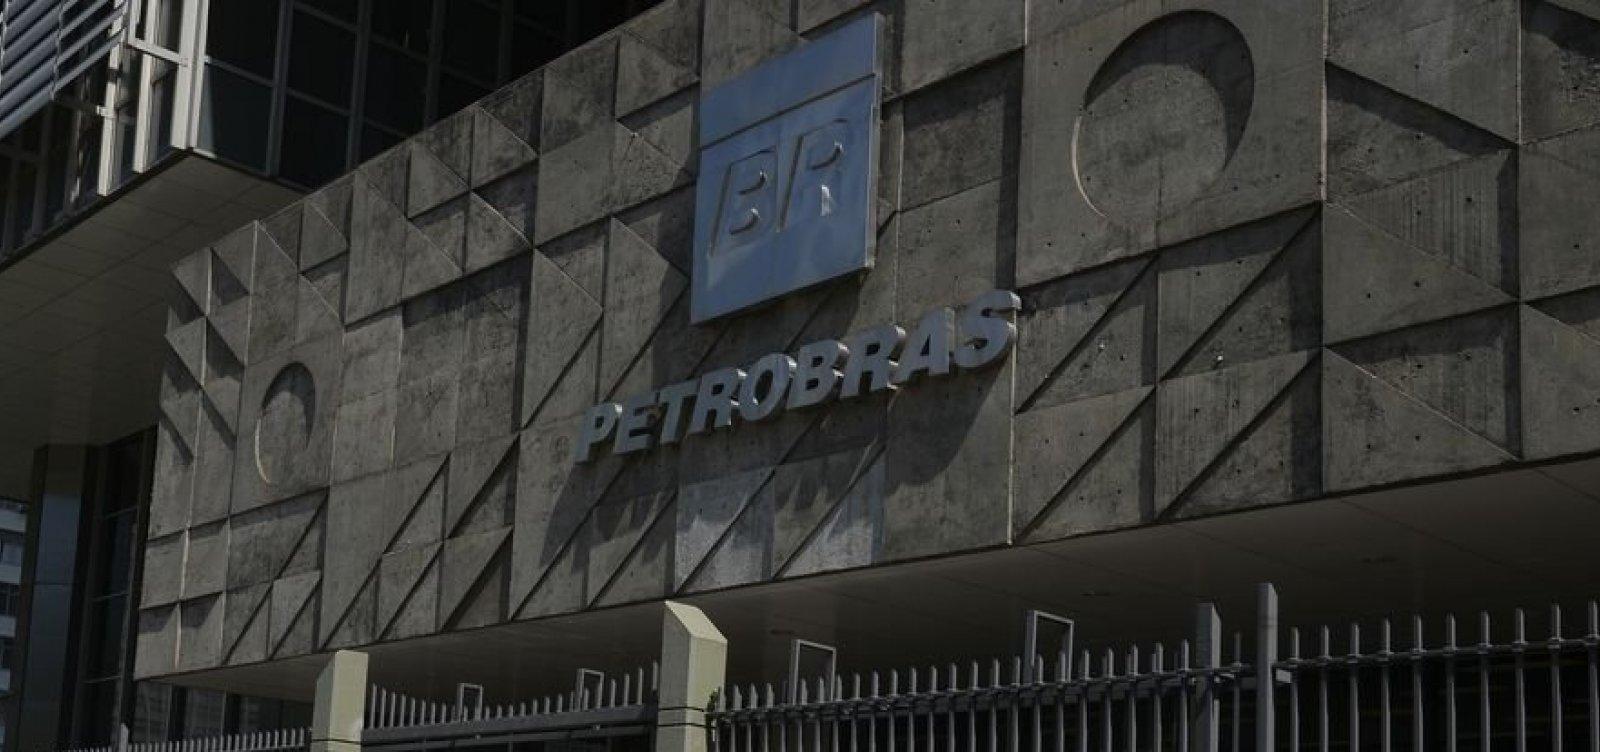 [R$ 240 bi em investimentos são previstos com fim do monopólio da Petrobrás no gás]